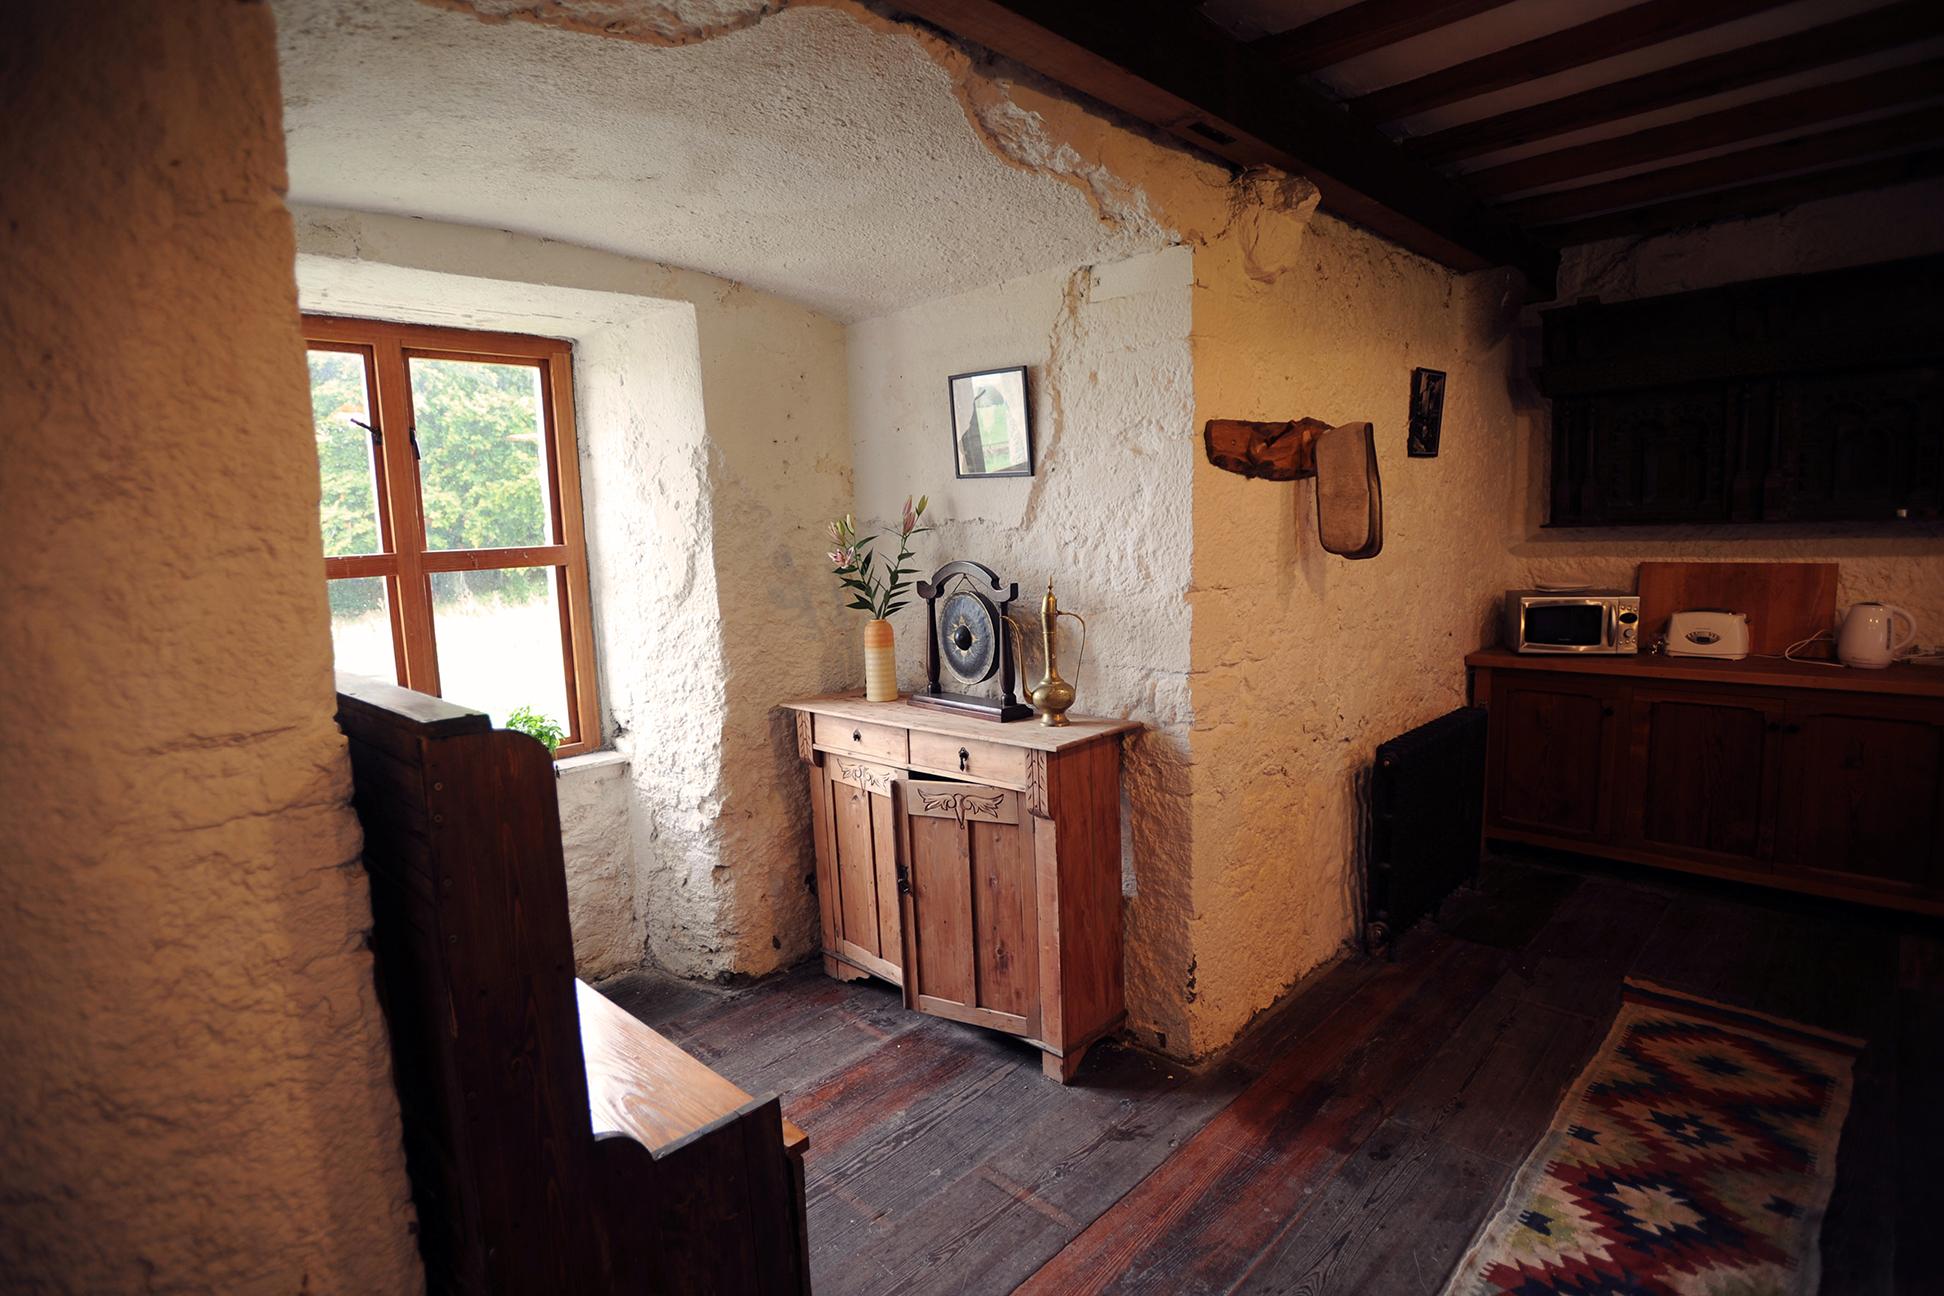 kitchenwindow.jpg